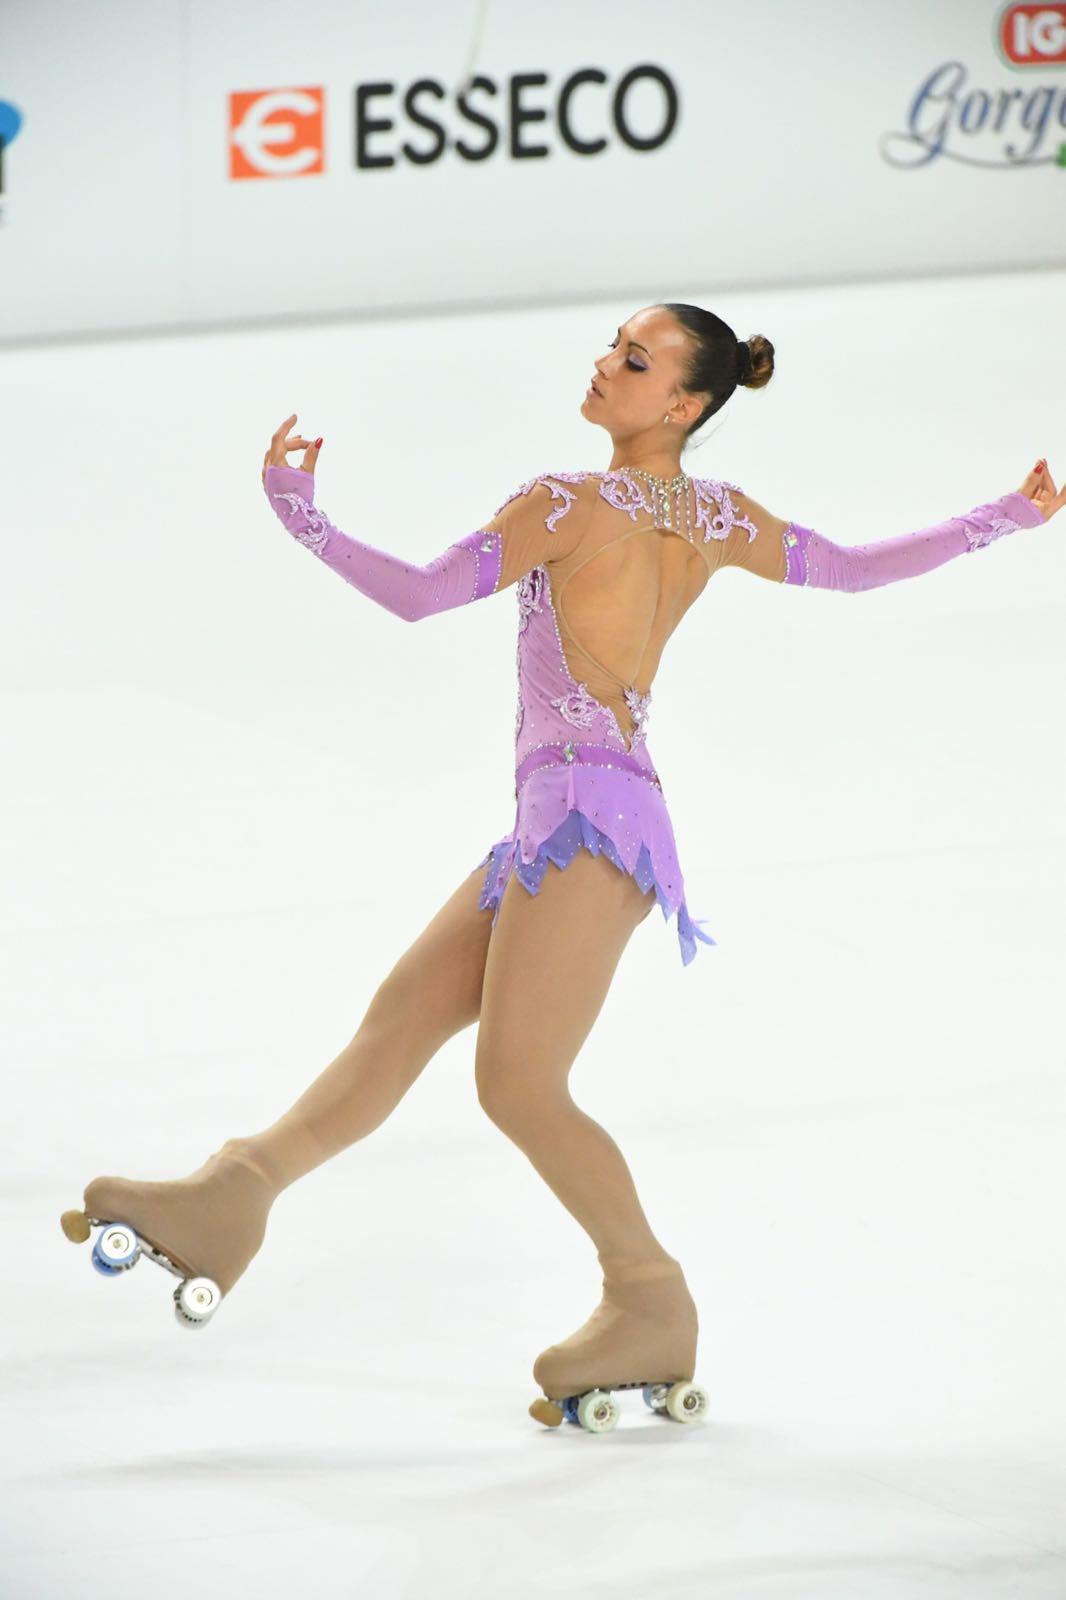 Michela Cima - 5 titoli  italiani, 4 titoli europei  e campionessa del mondo junior